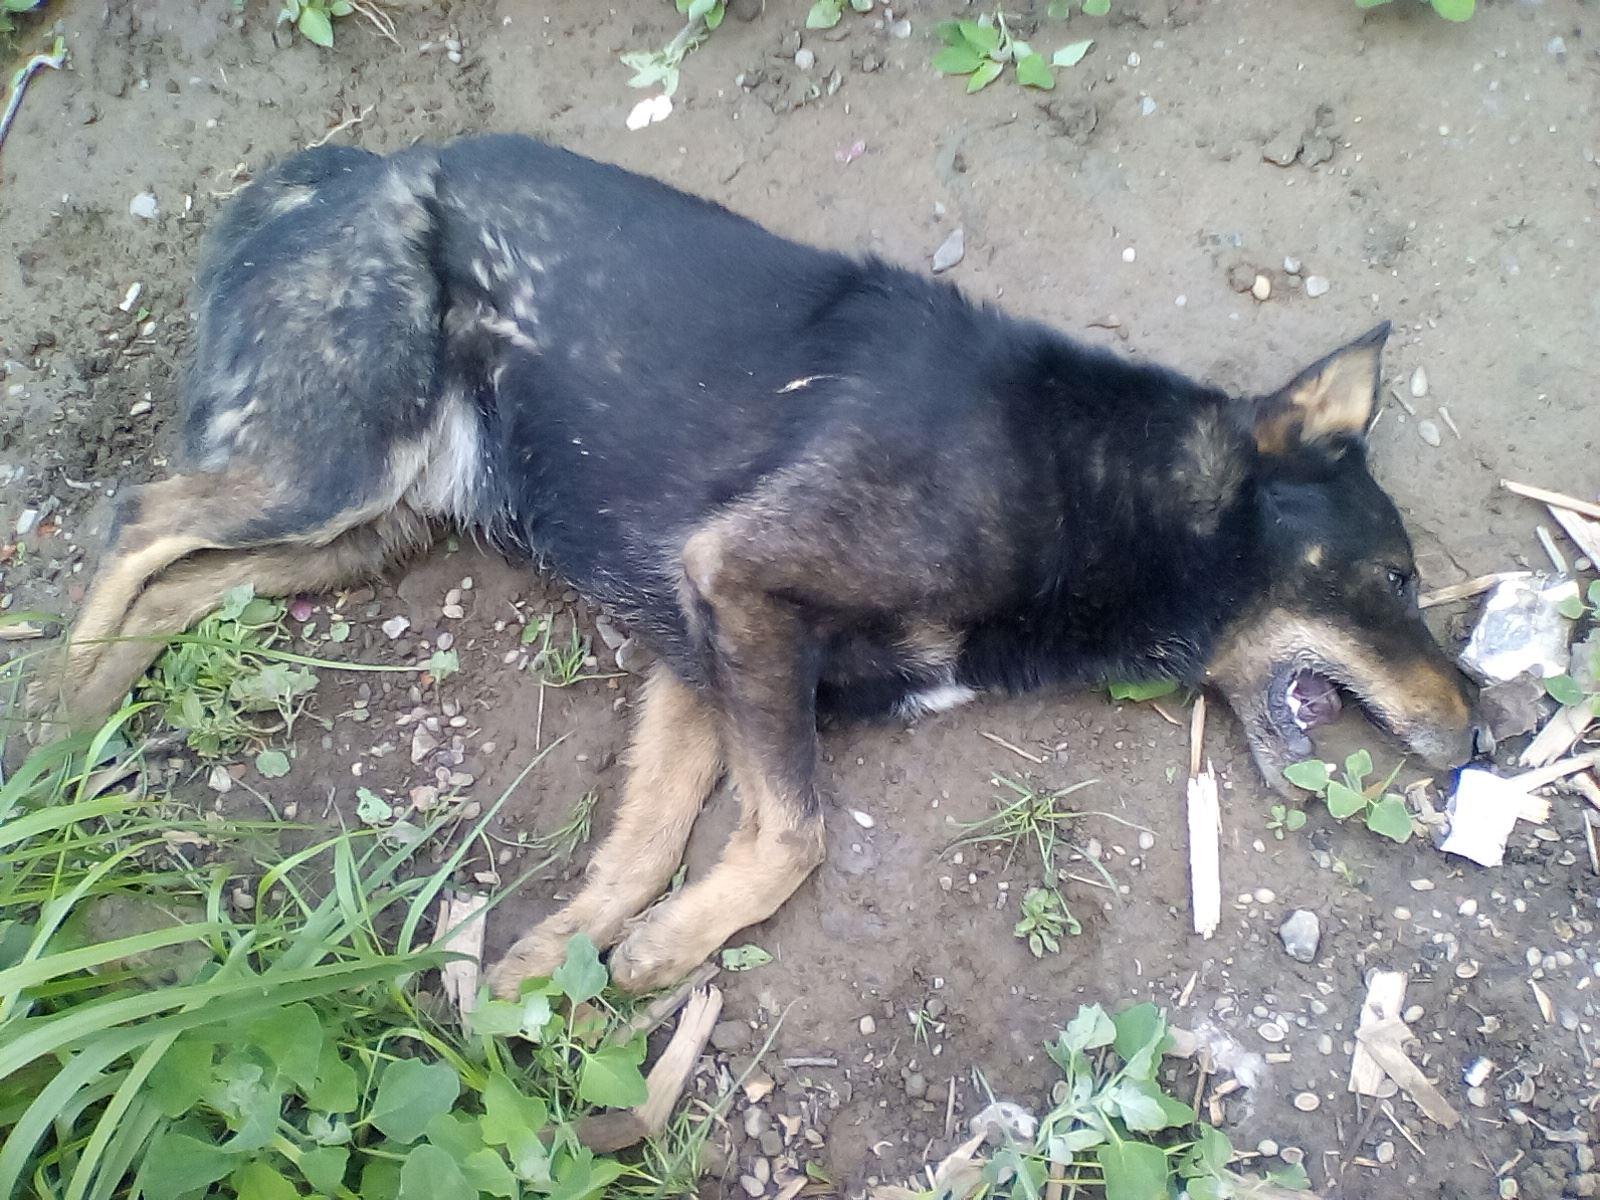 У Заліщиках на вулиці у конвульсіях вмирали безпритульні собаки (Відео, 18+)